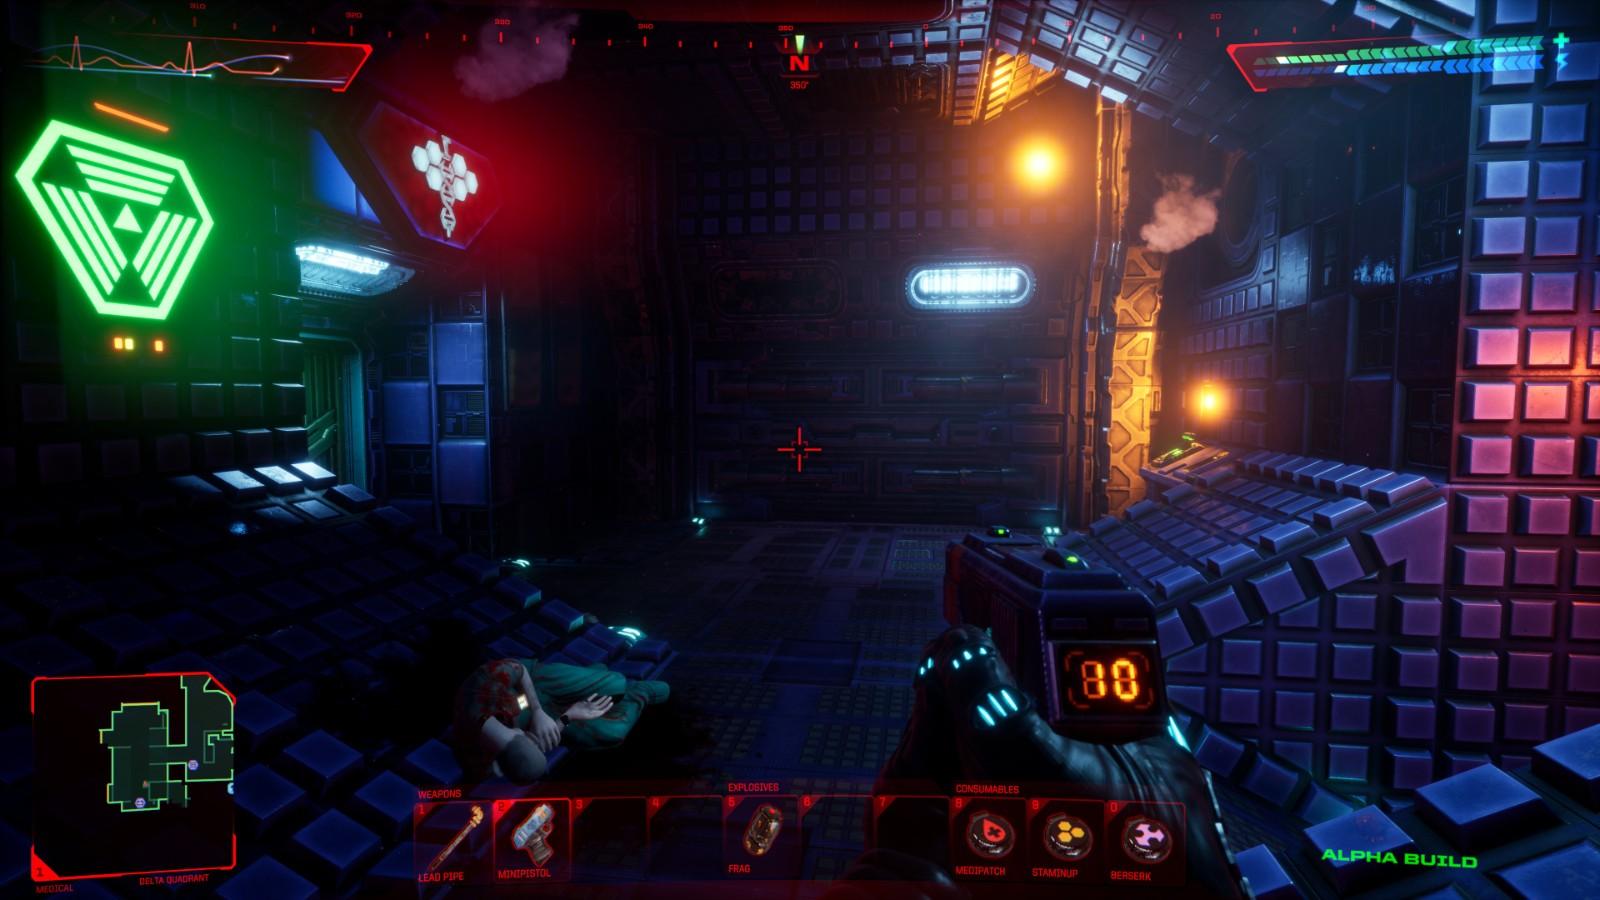 《网络奇兵:重制版》已登陆PC平台 预售价126元